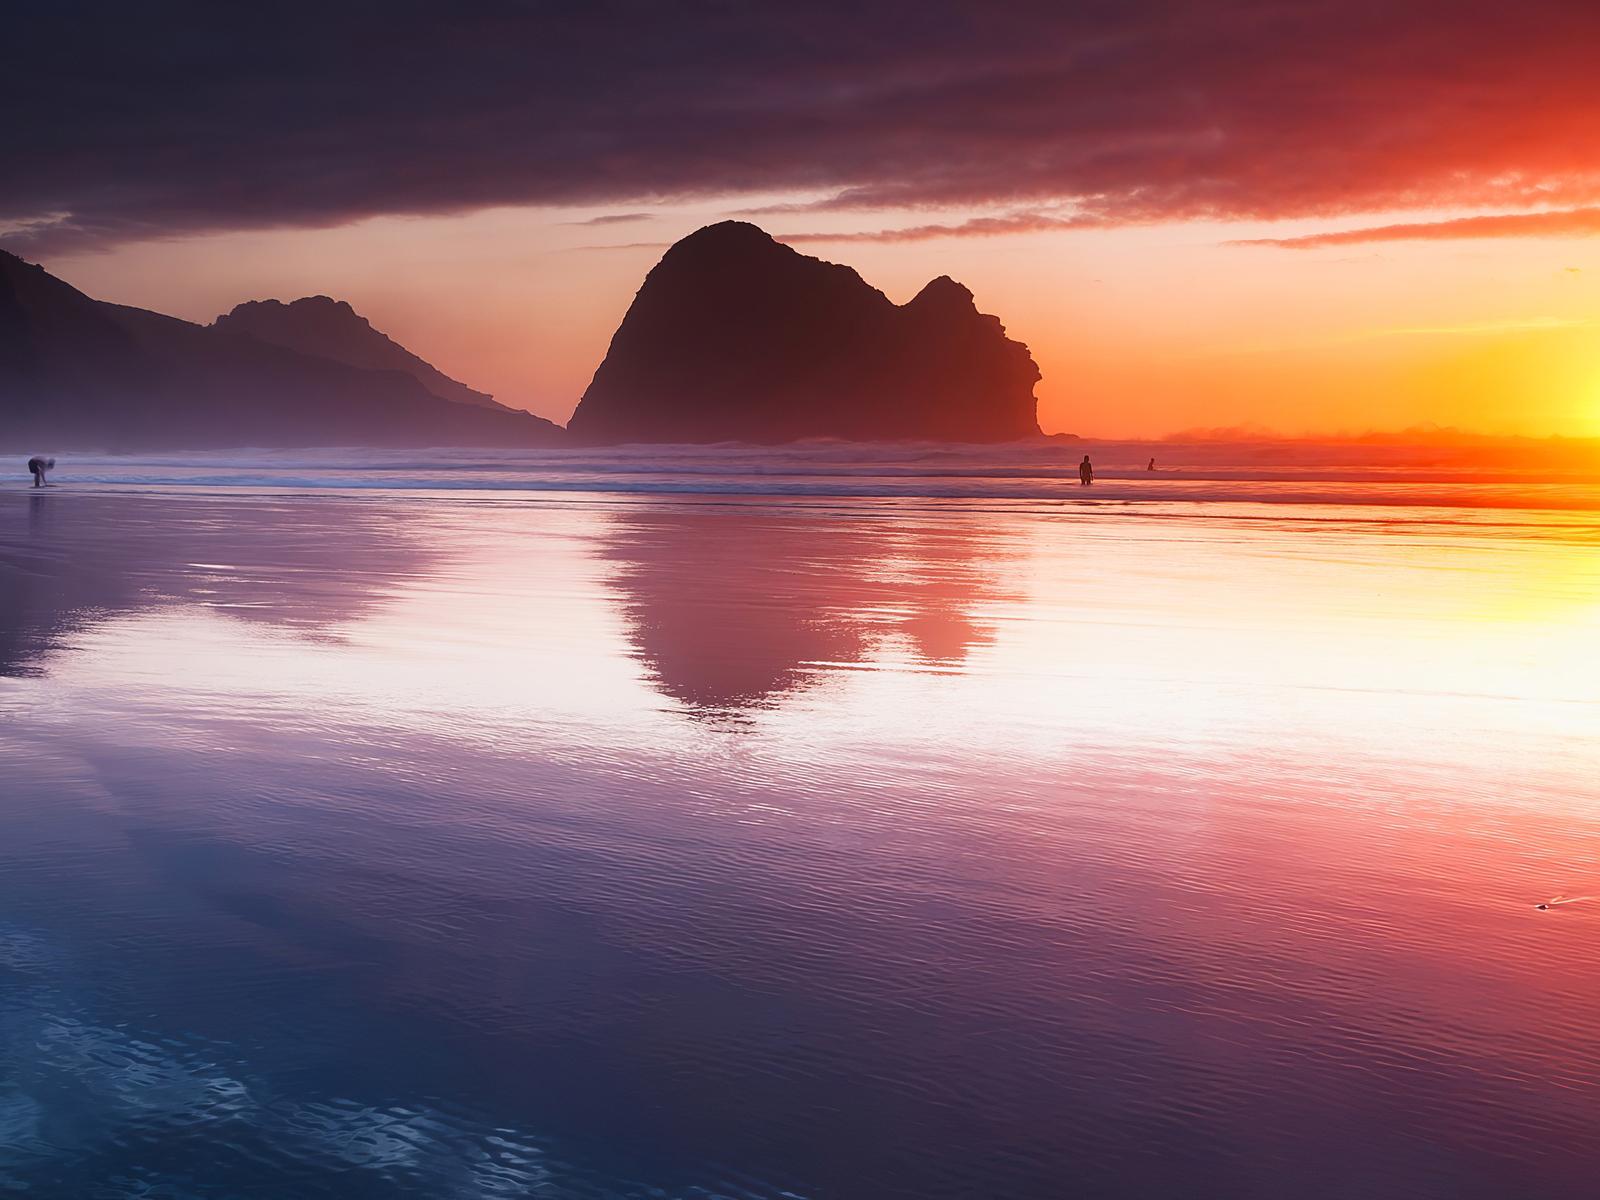 beach-reflection-sunset-4k-v6.jpg